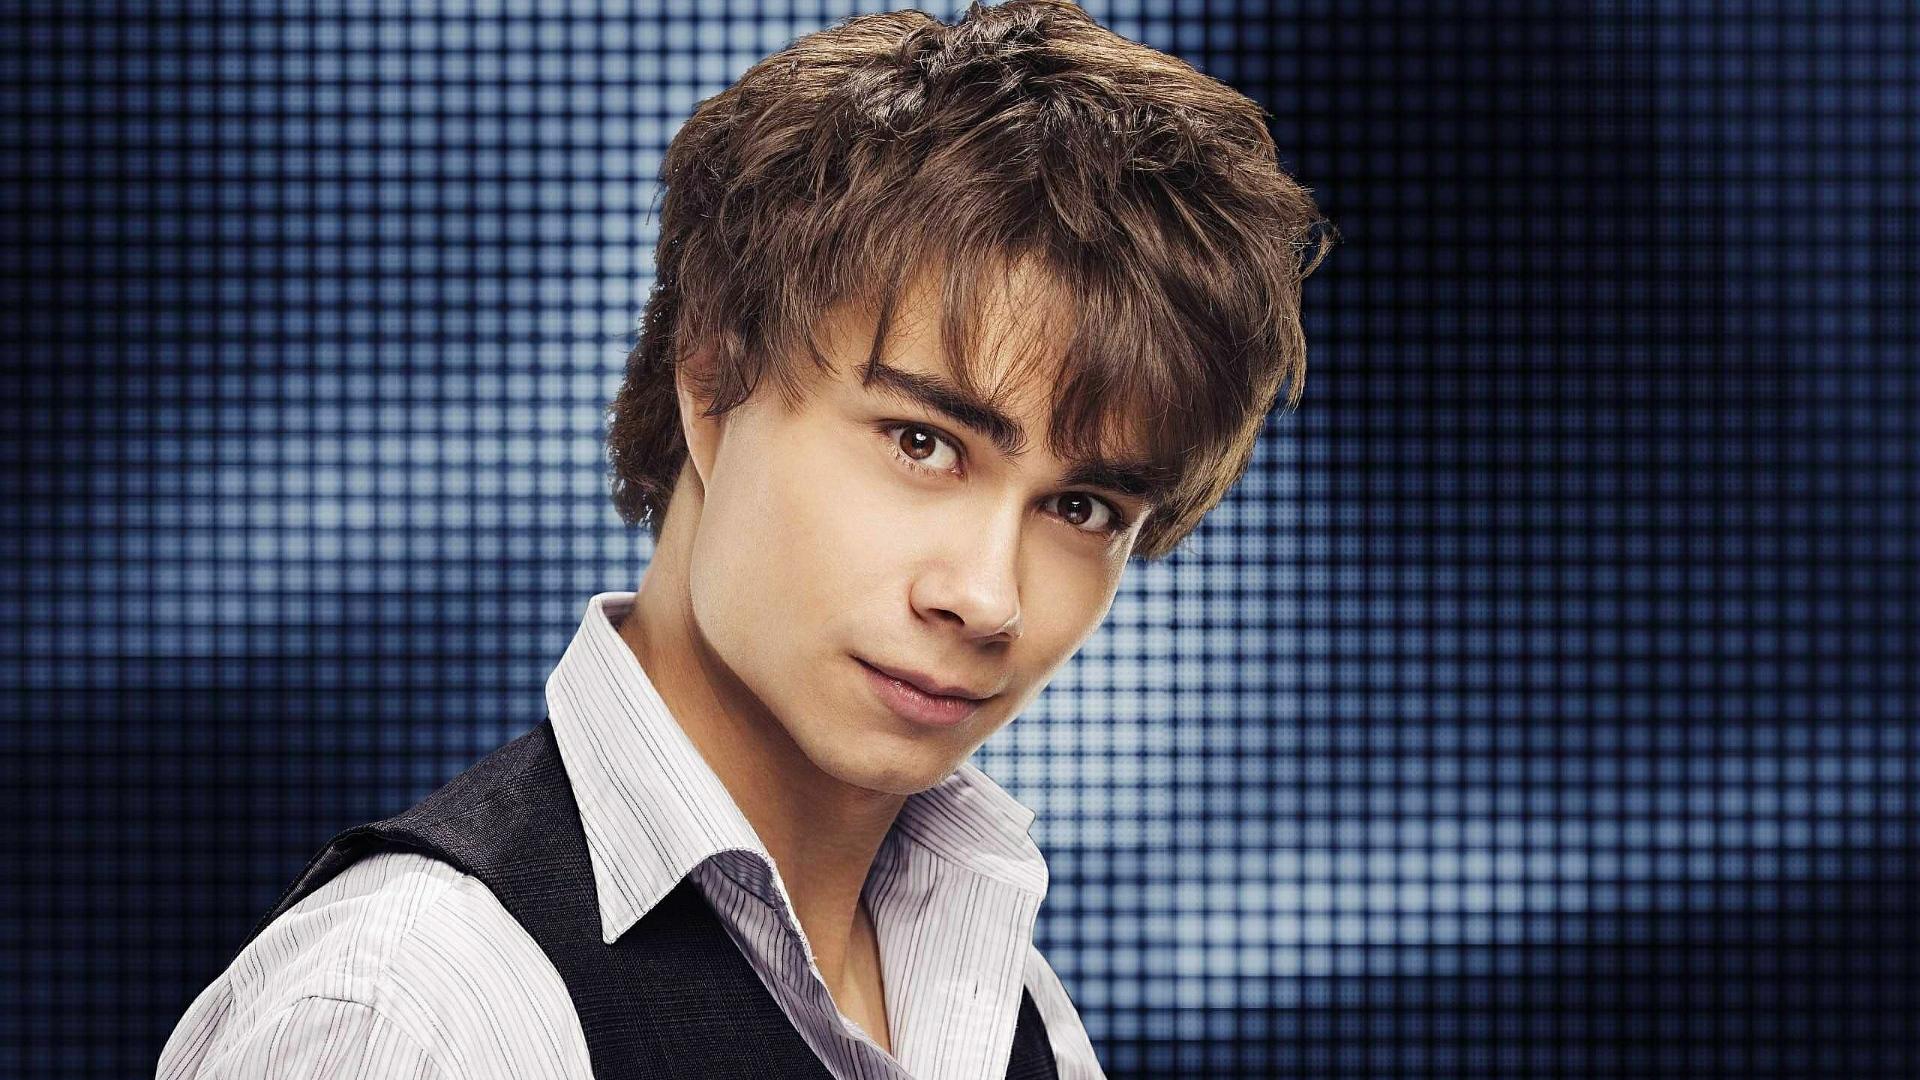 Alexander Rybak